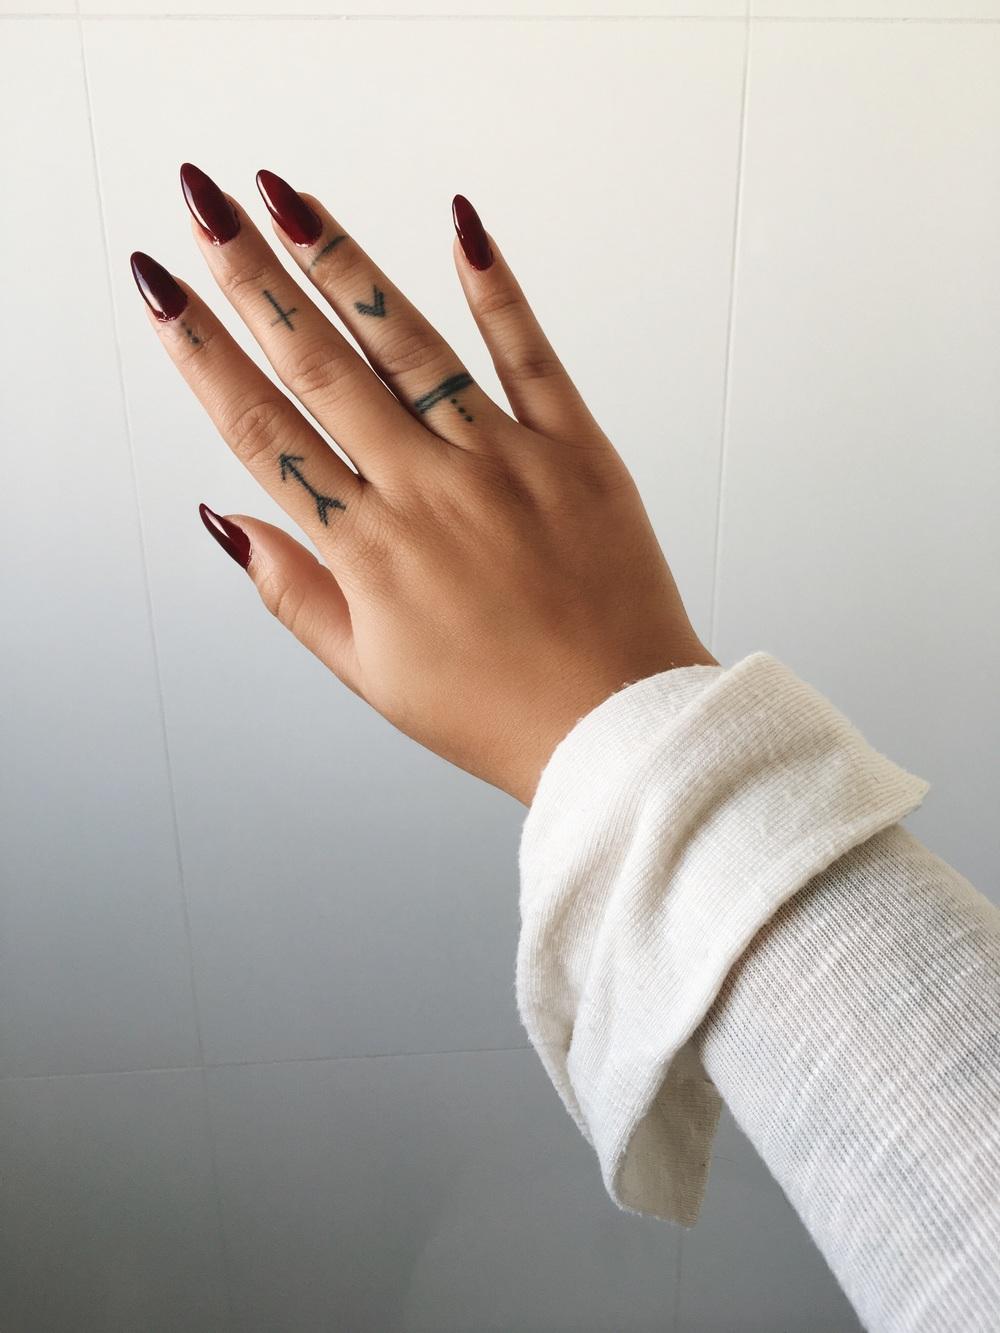 Como acho minha mão pequena, o alongamento criança ilusão de que ela é maior. <3